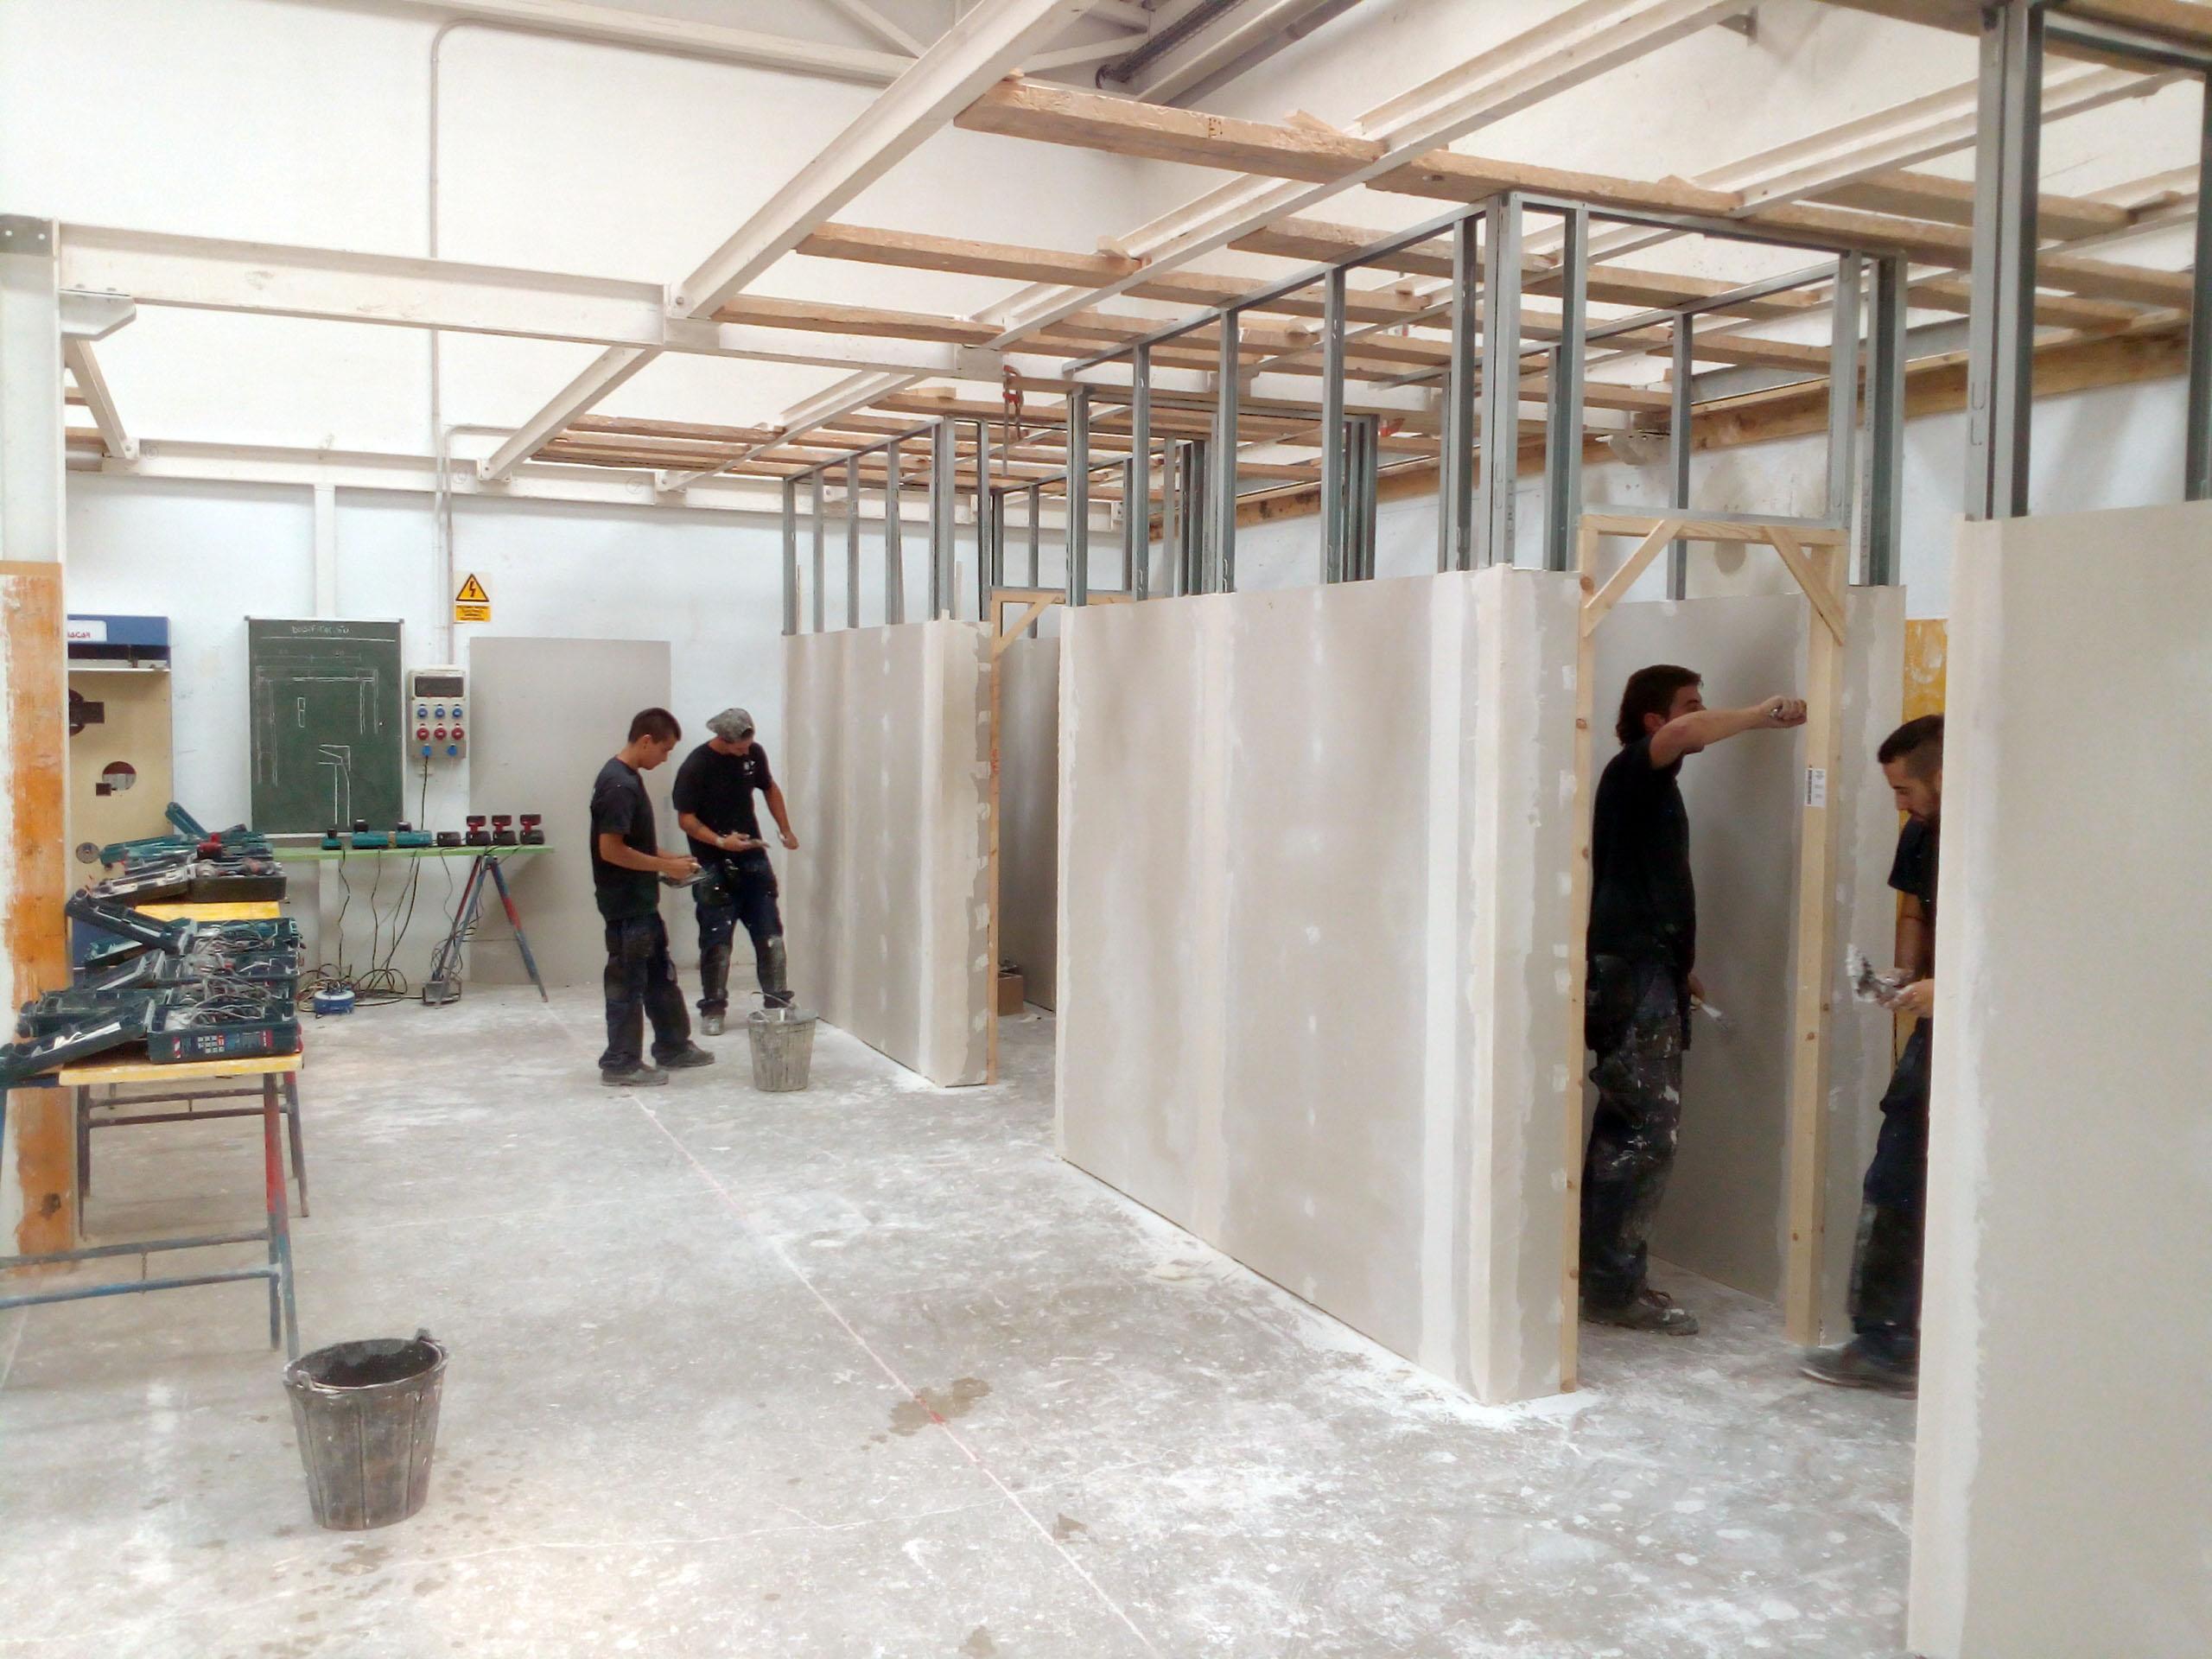 Abierta la inscripción para las 20 plazas del Programa Integrado de montaje de prefabricados